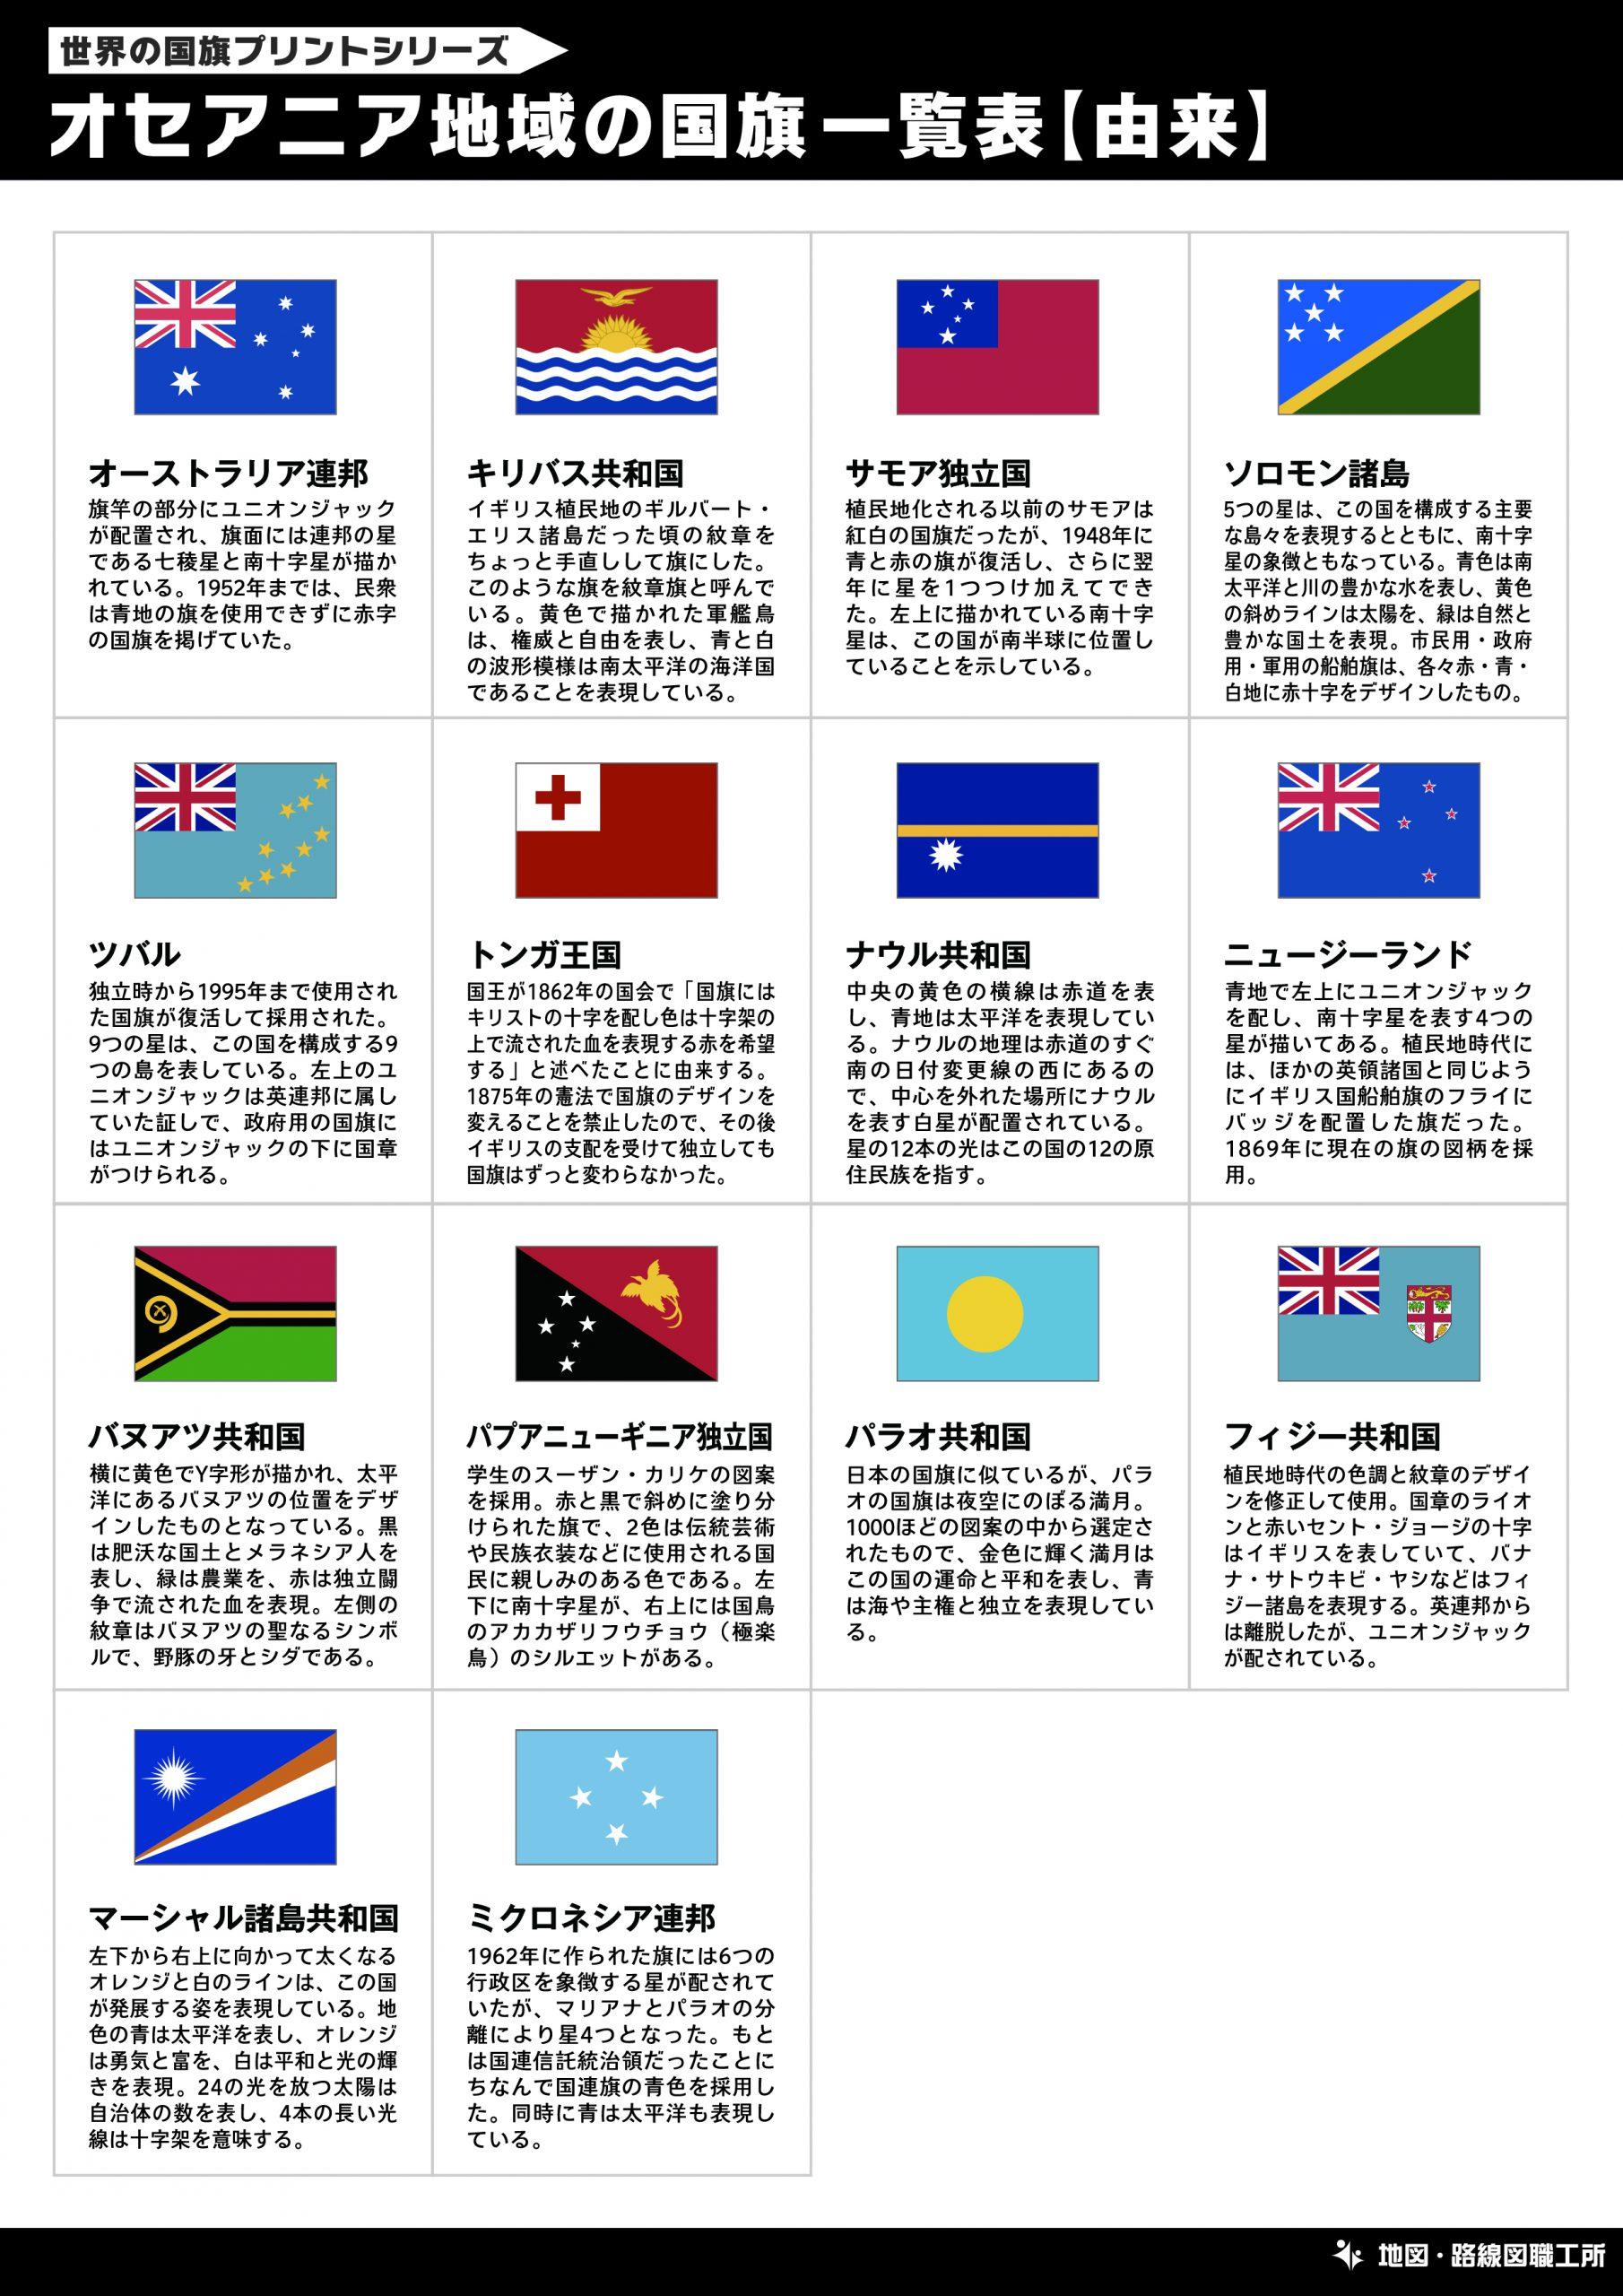 オセアニア地域の国旗一覧表【由来】